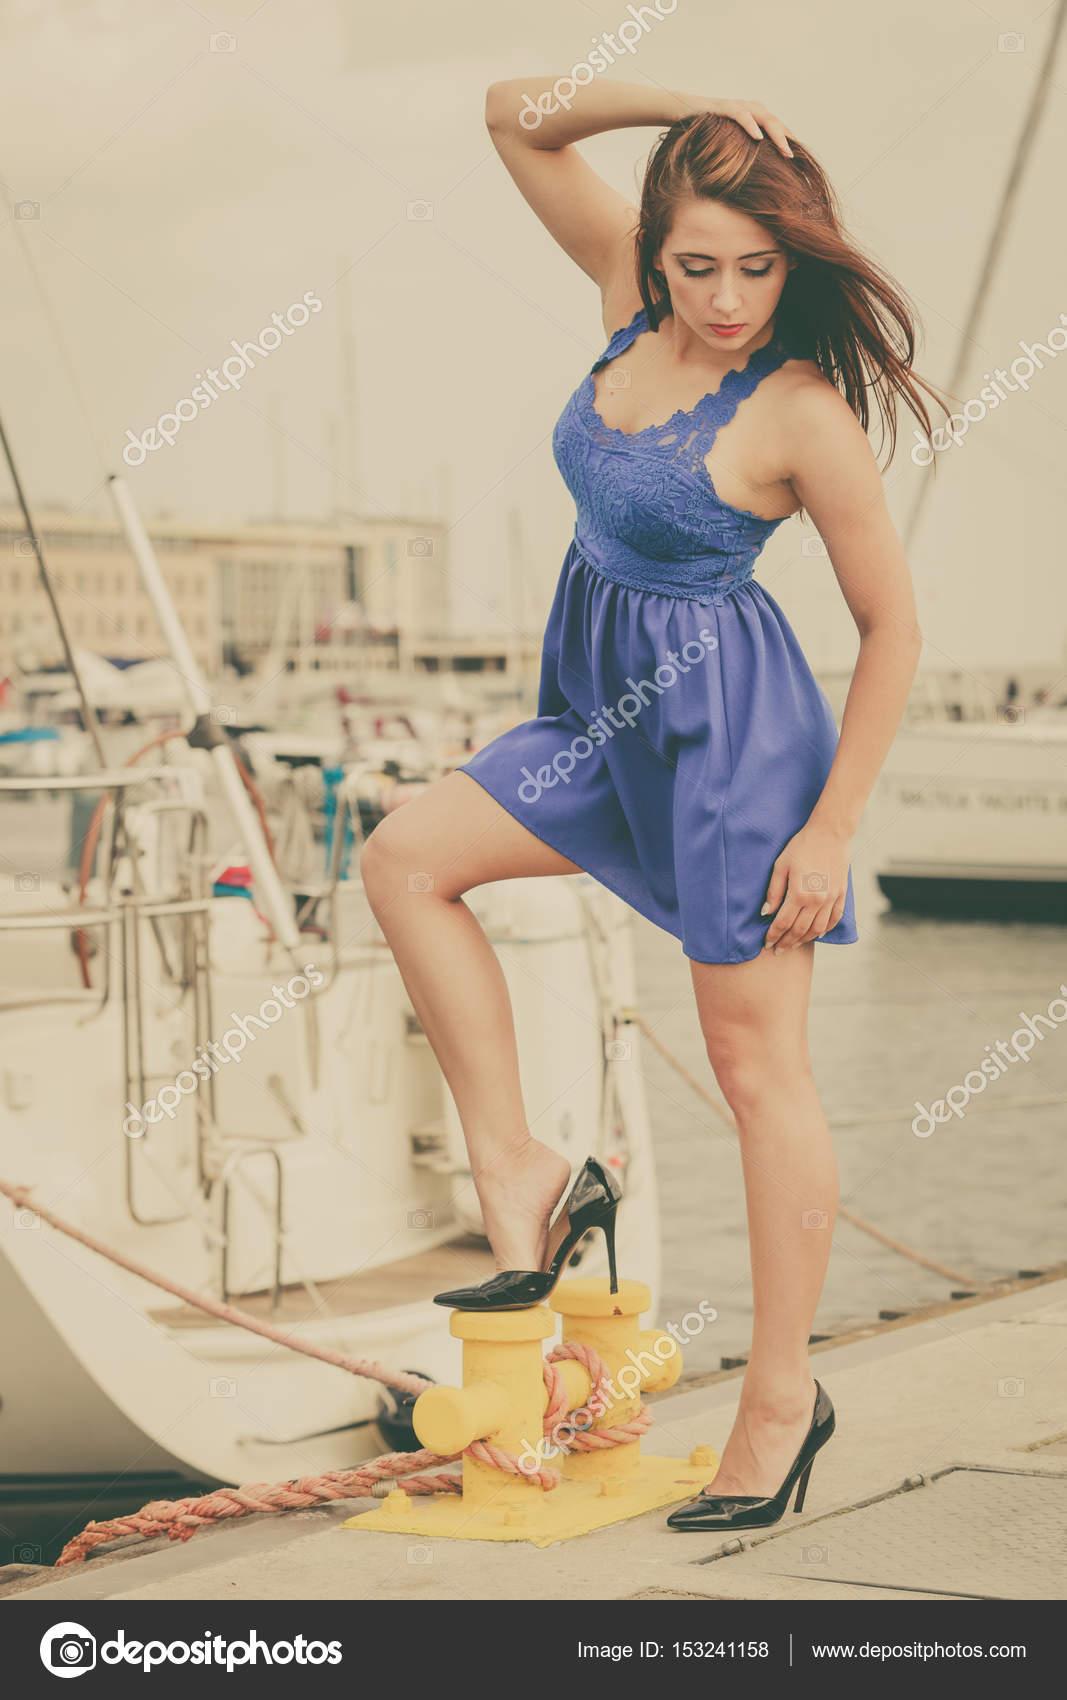 e03bbae7f424 Dominante donna femminista indossando tacchi alti e abito corto blu